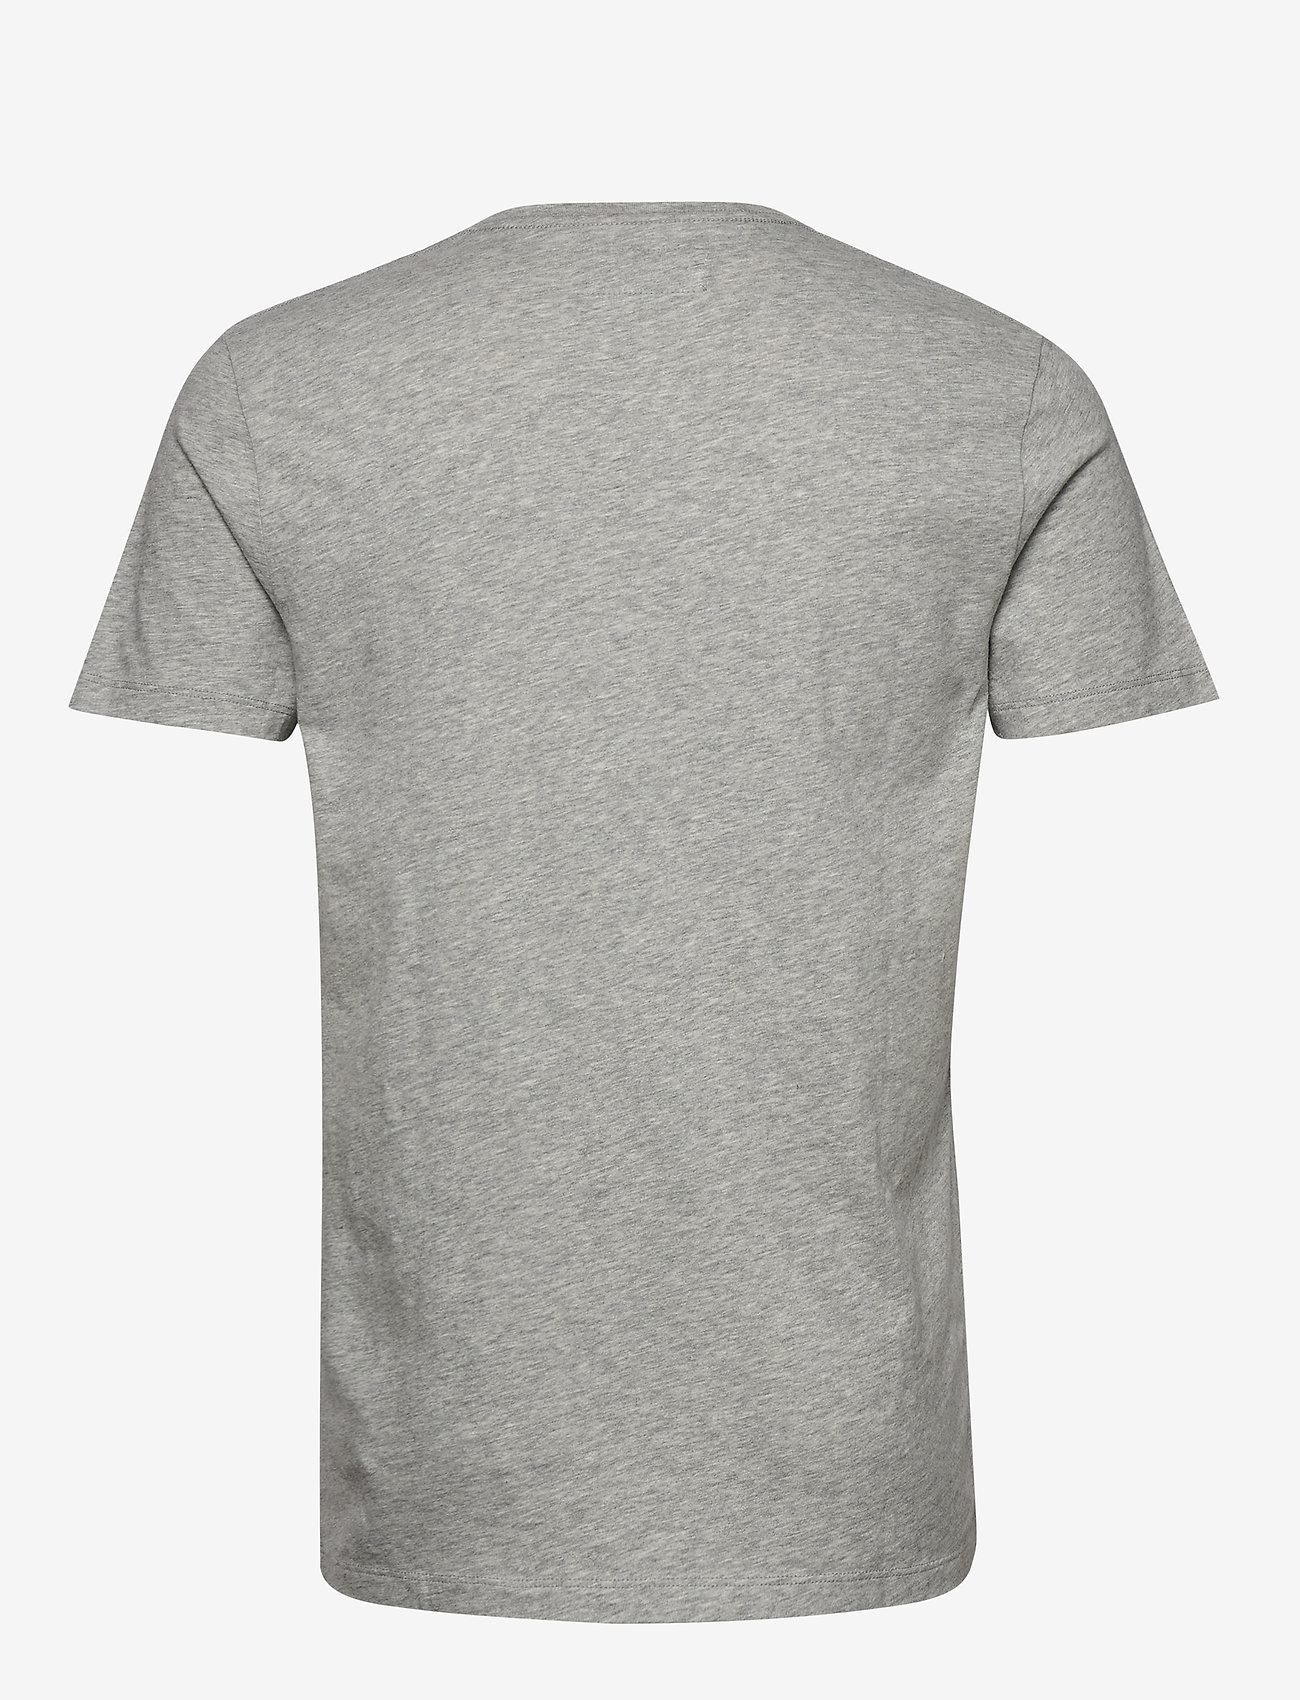 Abercrombie & Fitch Icon Vee - T-skjorter MED GREY FLAT - Menn Klær